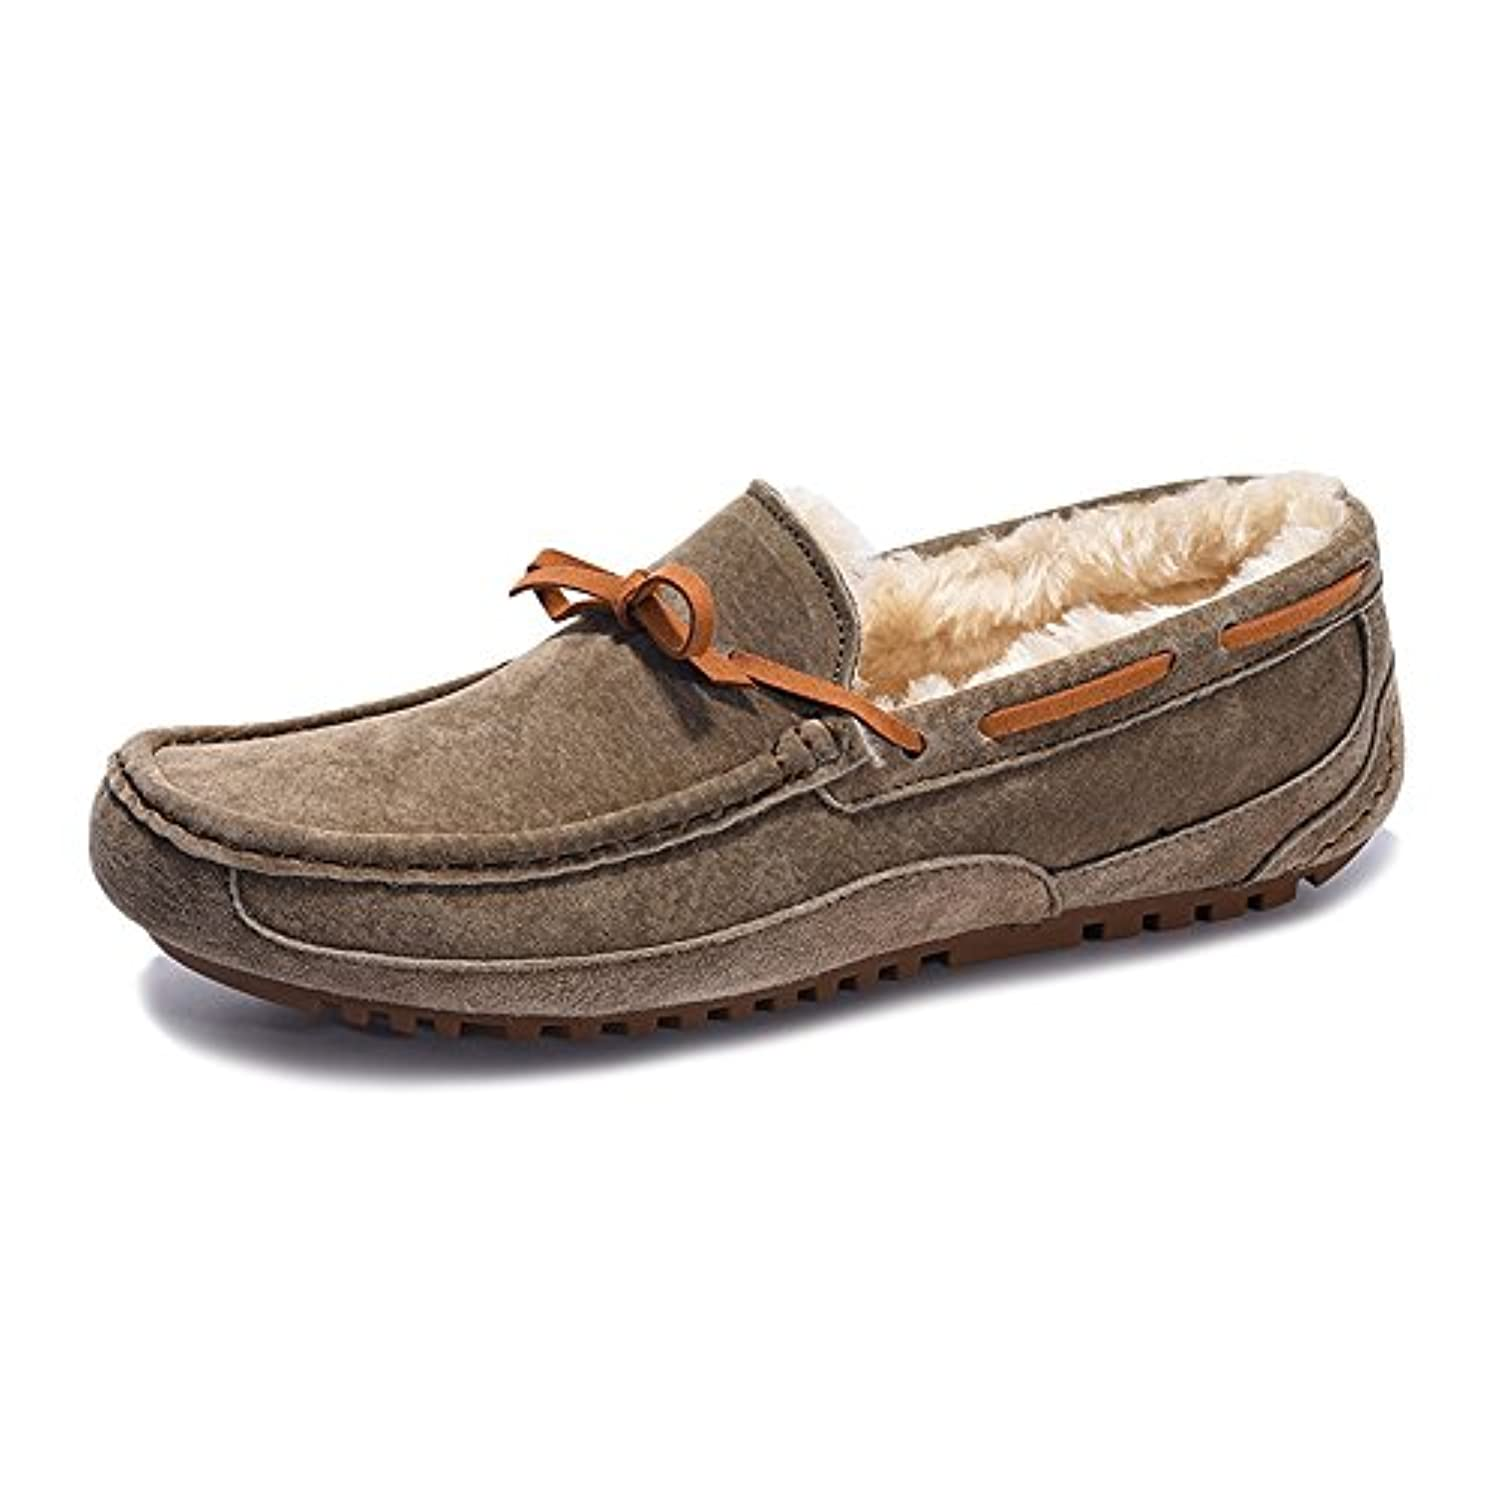 意気消沈した人絡み合いshoesway ボア ドライビングシューズ モカシン スエード スリッポン ローファー メンズ シューズ カジュアル 軽量 通勤 保温 防寒 暖かい 男性 靴 紳士靴